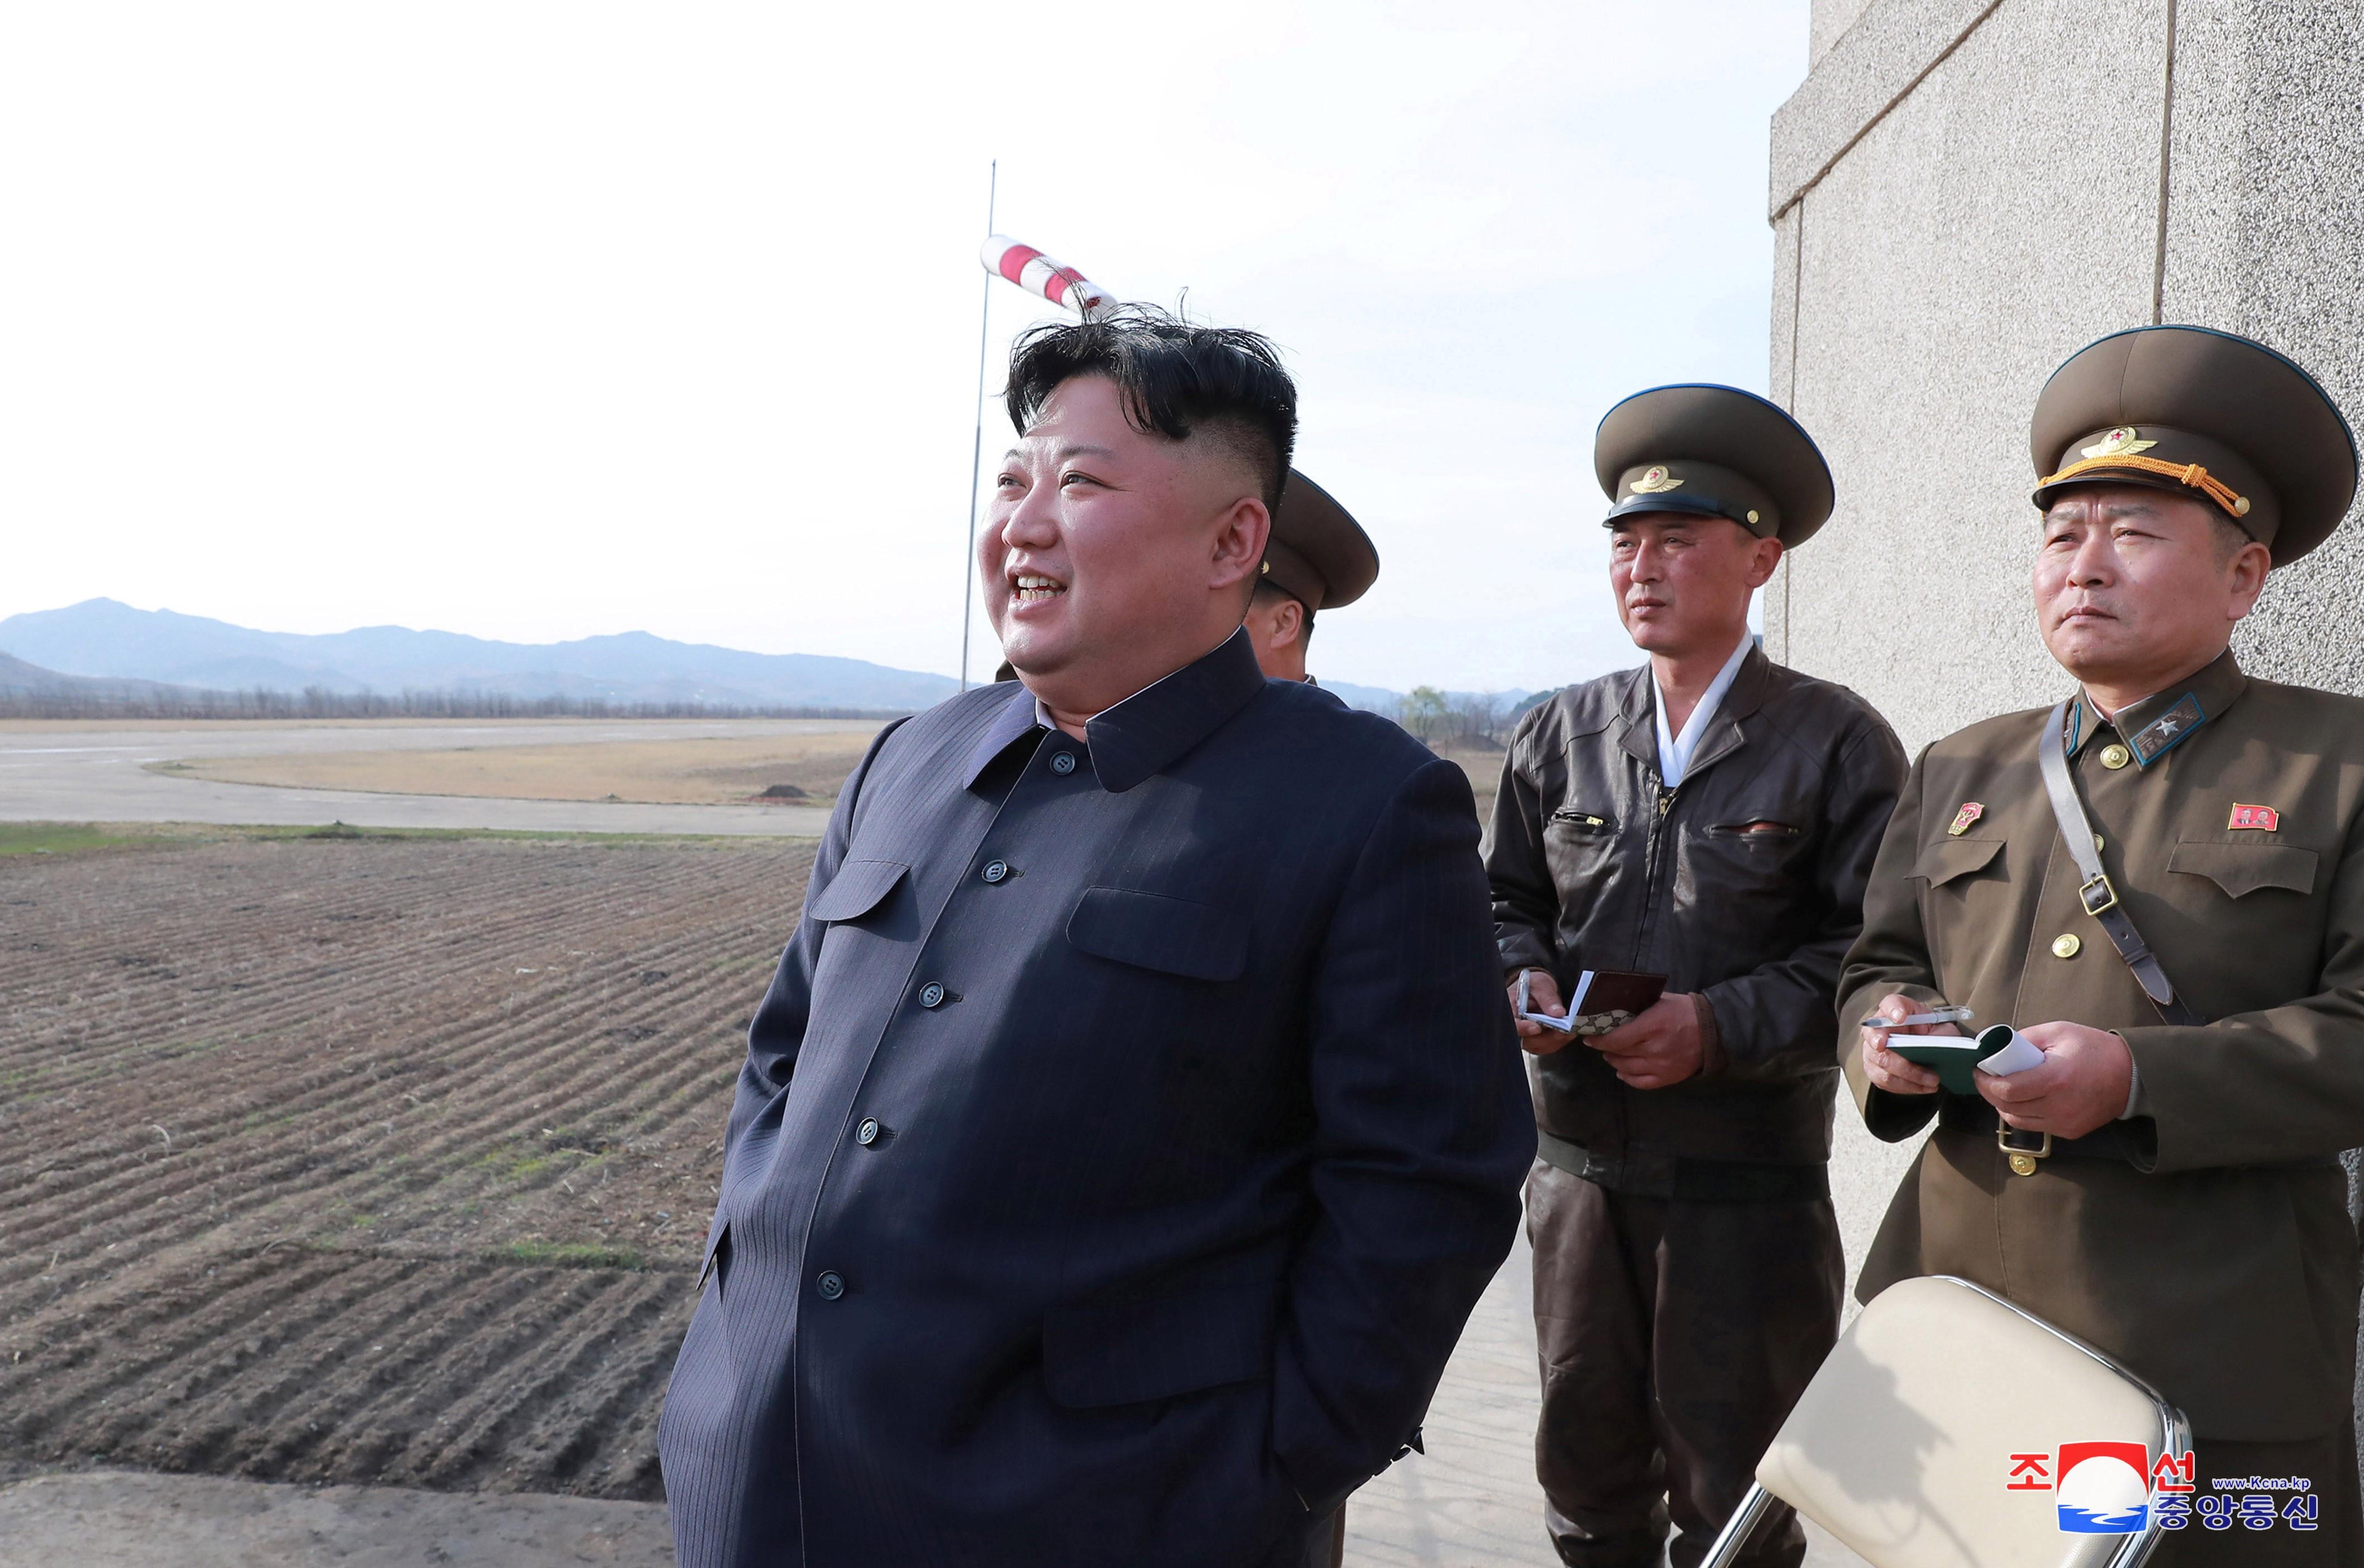 Washington confirma que Coreia do Norte testou arma